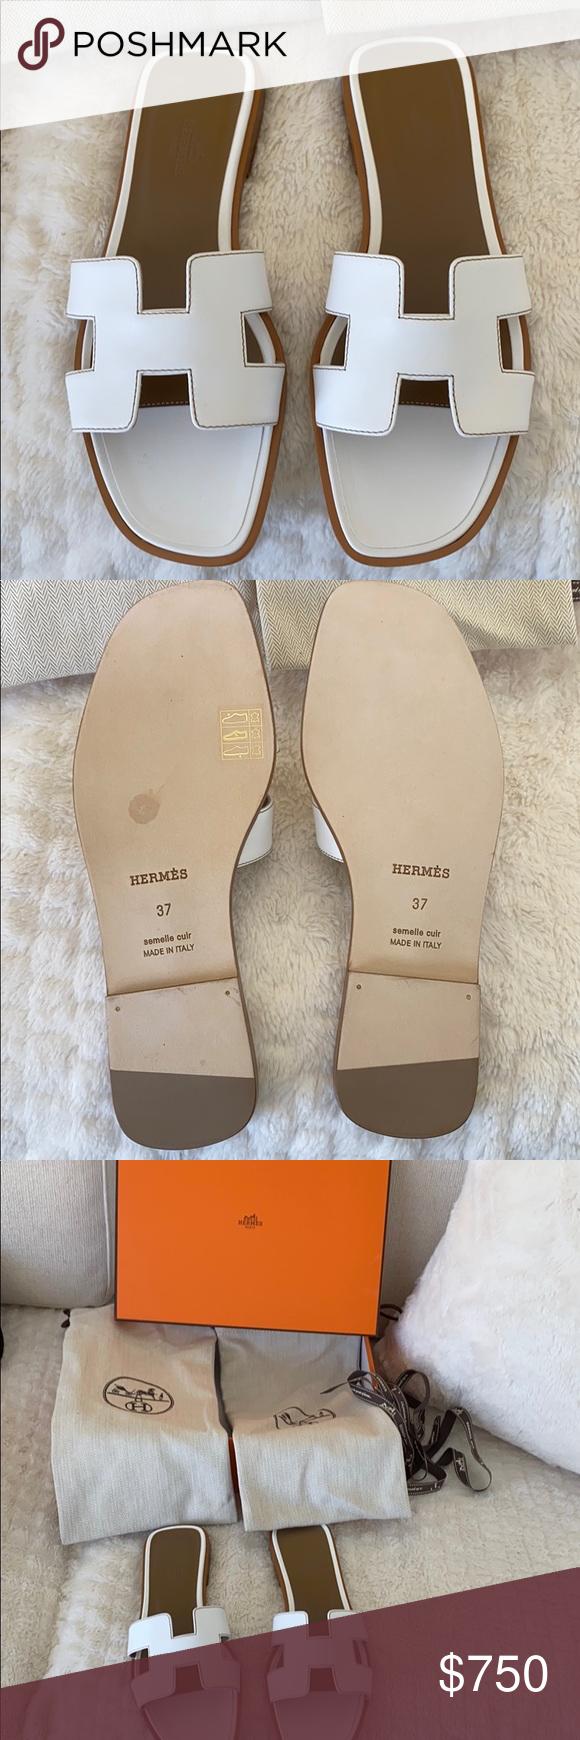 Sandale Hermès Oran neuve authentique !! Taille 37 Jamais porté! Tout nouveau Hermes O …   – My Posh Picks